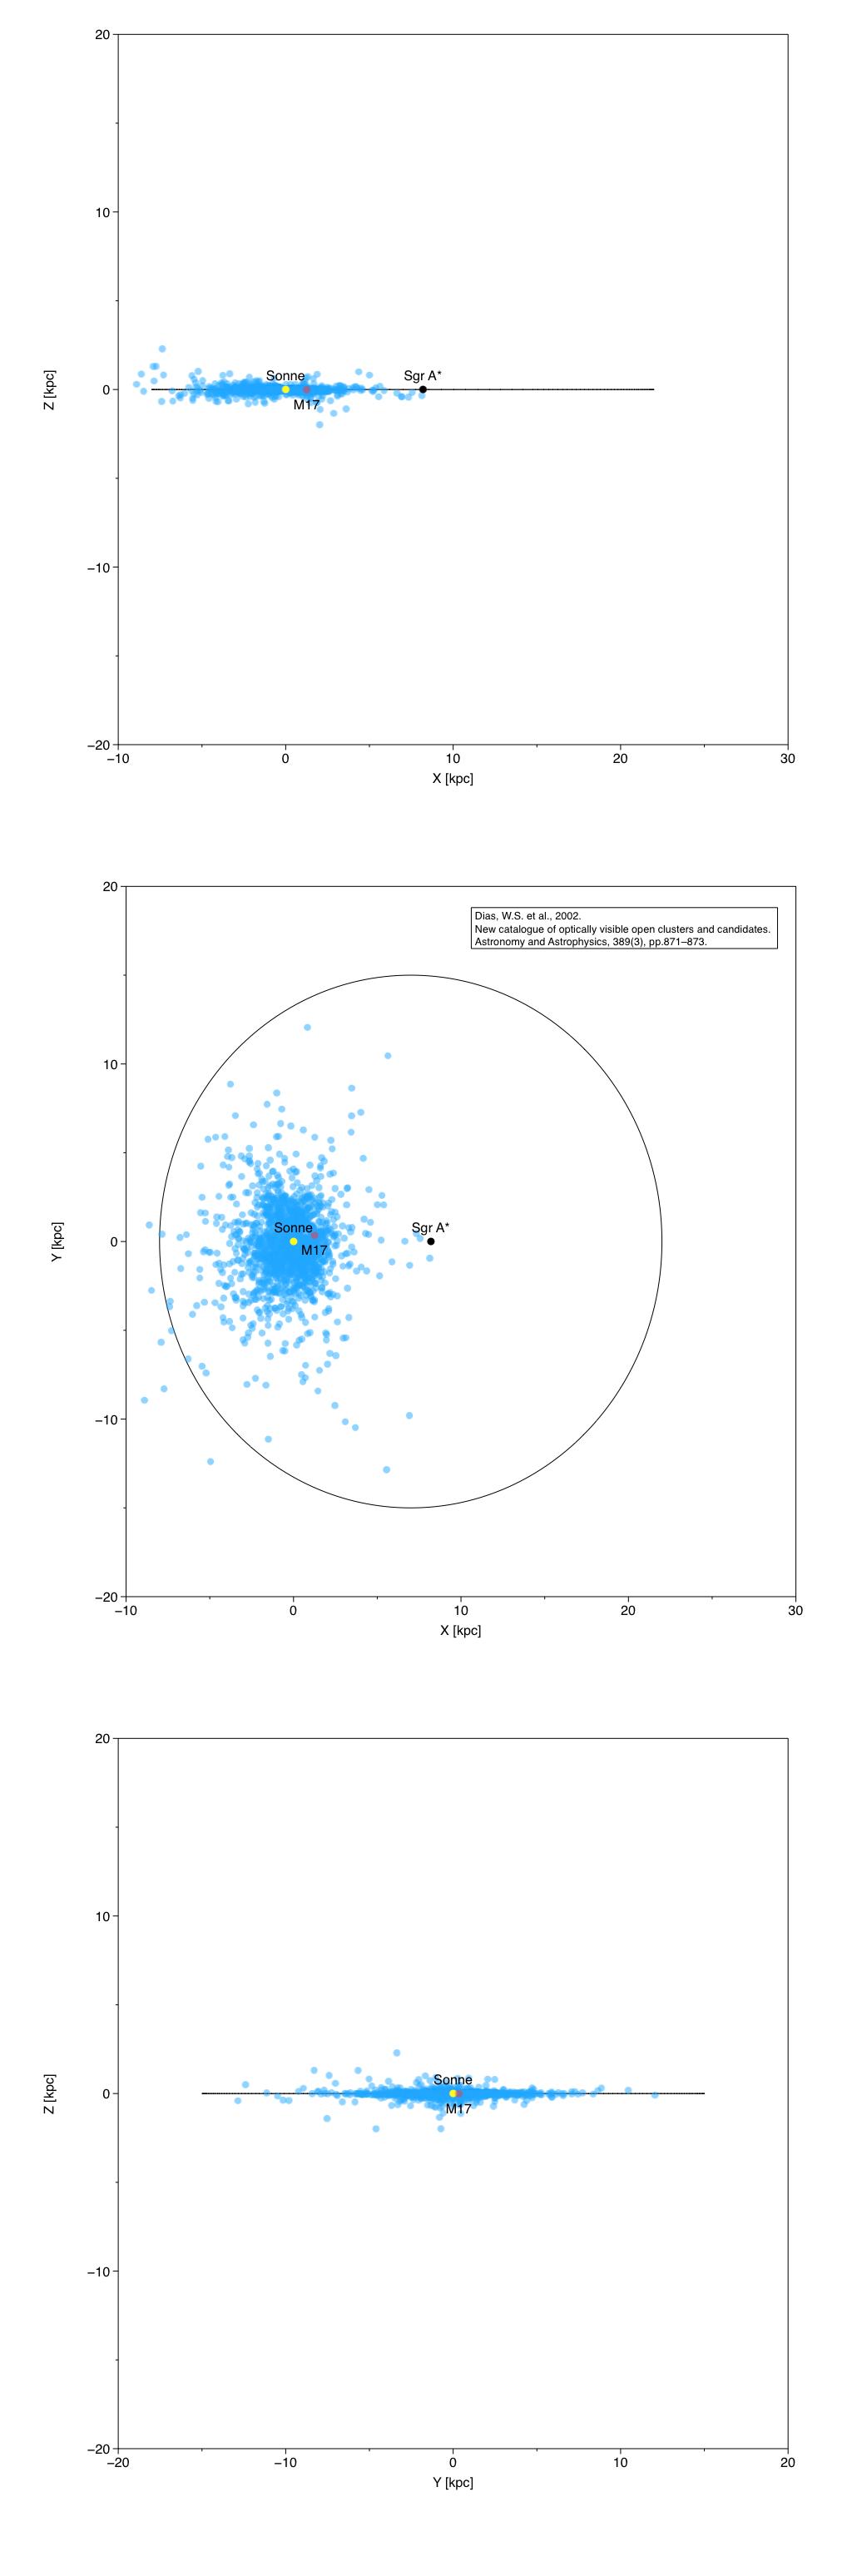 Die Position vom M17 (rot) innerhalb der Milchstrasse. Sonne (gelb), Zentrum der Milchstraße (schwarz), andere offene Sternhaufen (blau). Die Milchstraße wird durch einen erweiterten Kreis mit einem Durchmesser von 30 kpc angedeutet. Die x-Achse zeigt Richtung des Zentrum und die y-Achse in Richtung der Rotation der Milchstraße, die z-Achse weist auf den galaktischen Nordpol.